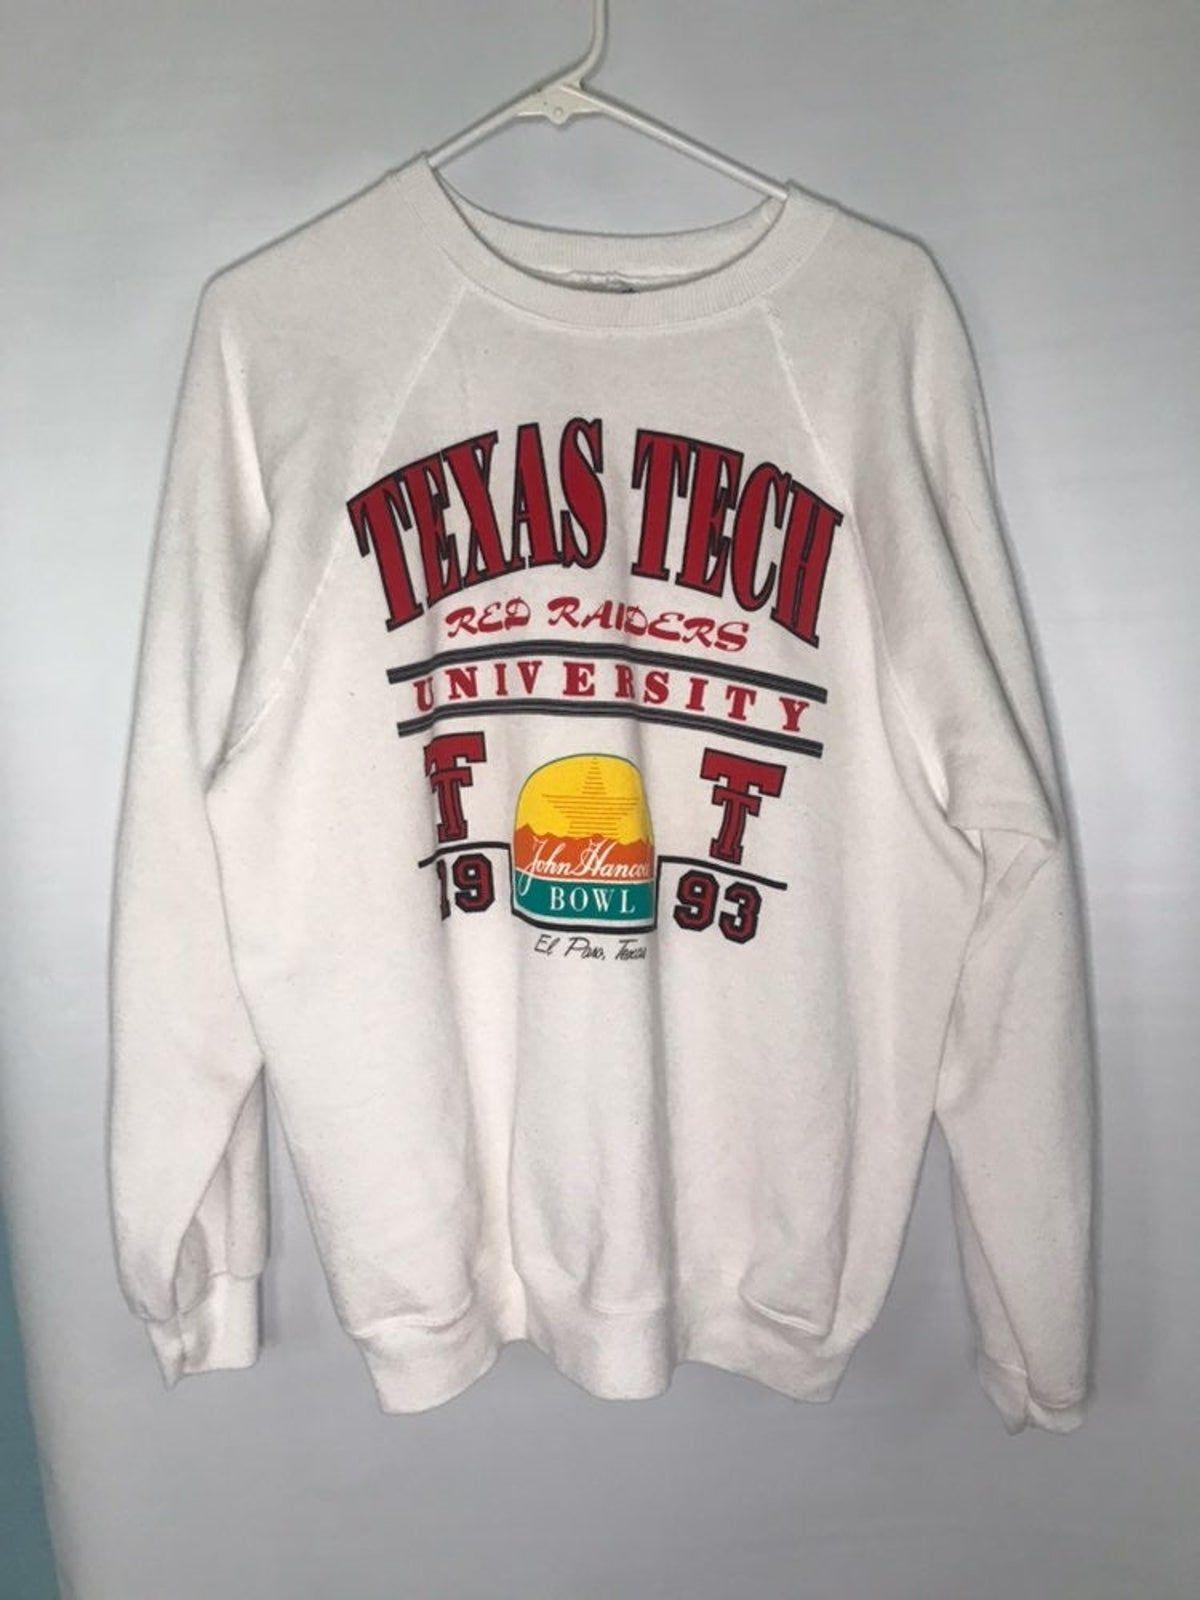 Vintage Texas Tech Crewneck Texas Tech Clothes Texas Tech Shirts Texas Tech [ 1600 x 1200 Pixel ]